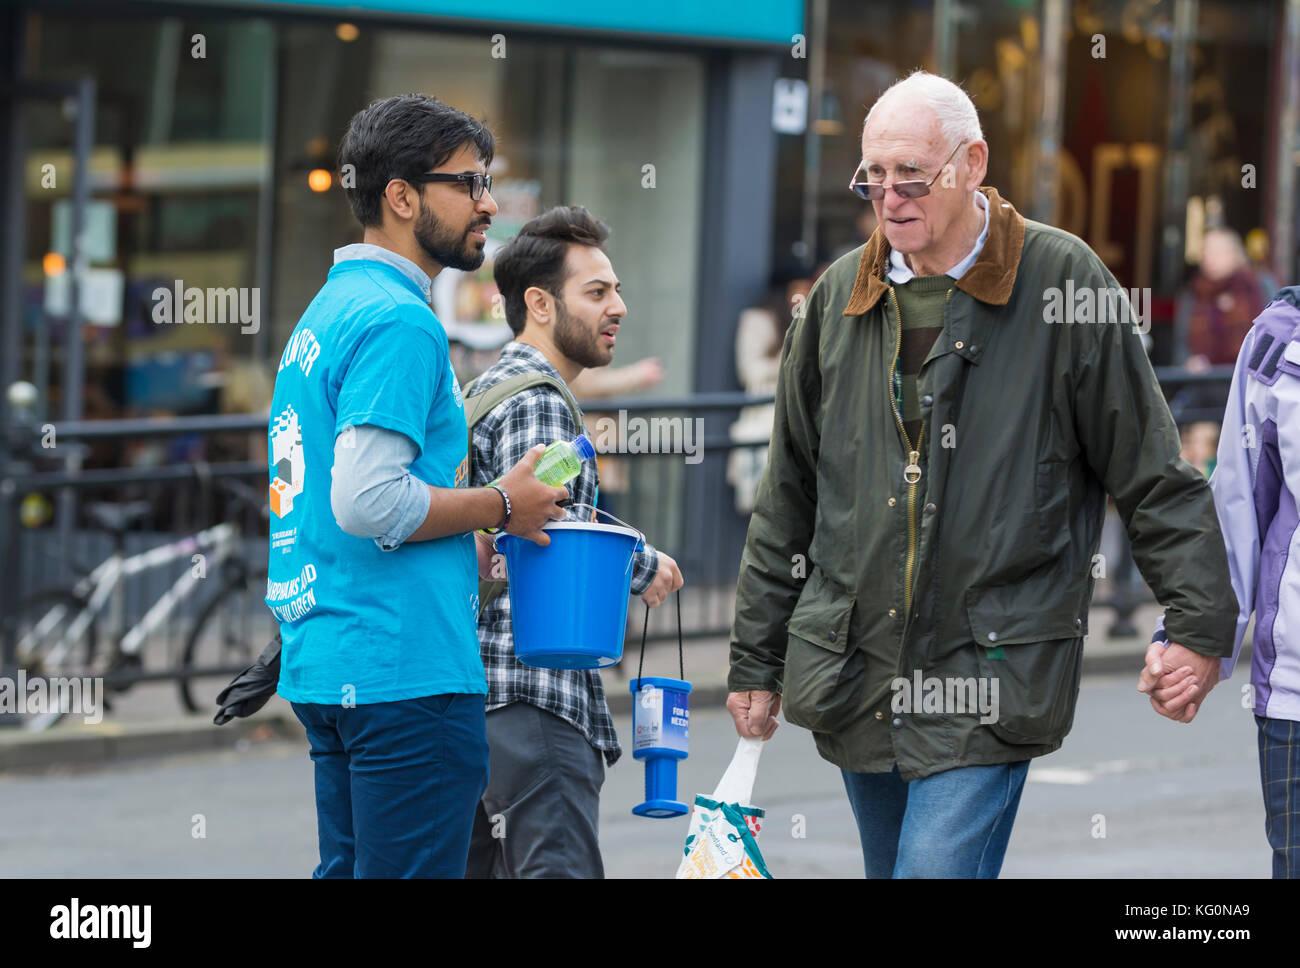 Uomo che cammina passato persone per raccogliere per carità. Nota: questo uomo non era ignorarli. Questo è Immagini Stock